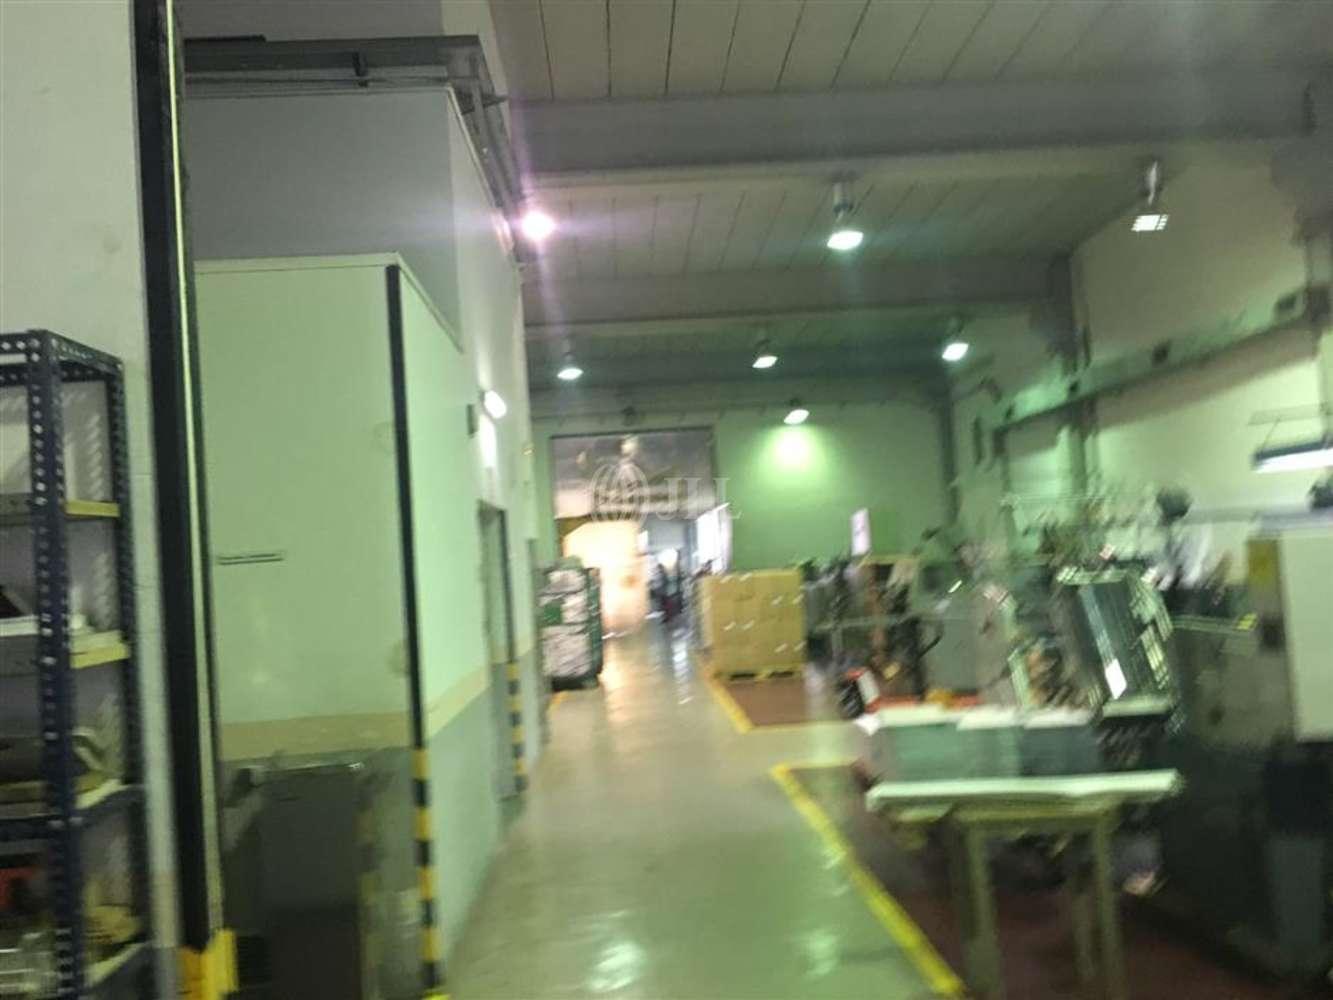 Naves industriales y logísticas Cornellà de llobregat, 08940 - Nave Industrial - B0355 - PI ALMEDA - 10529